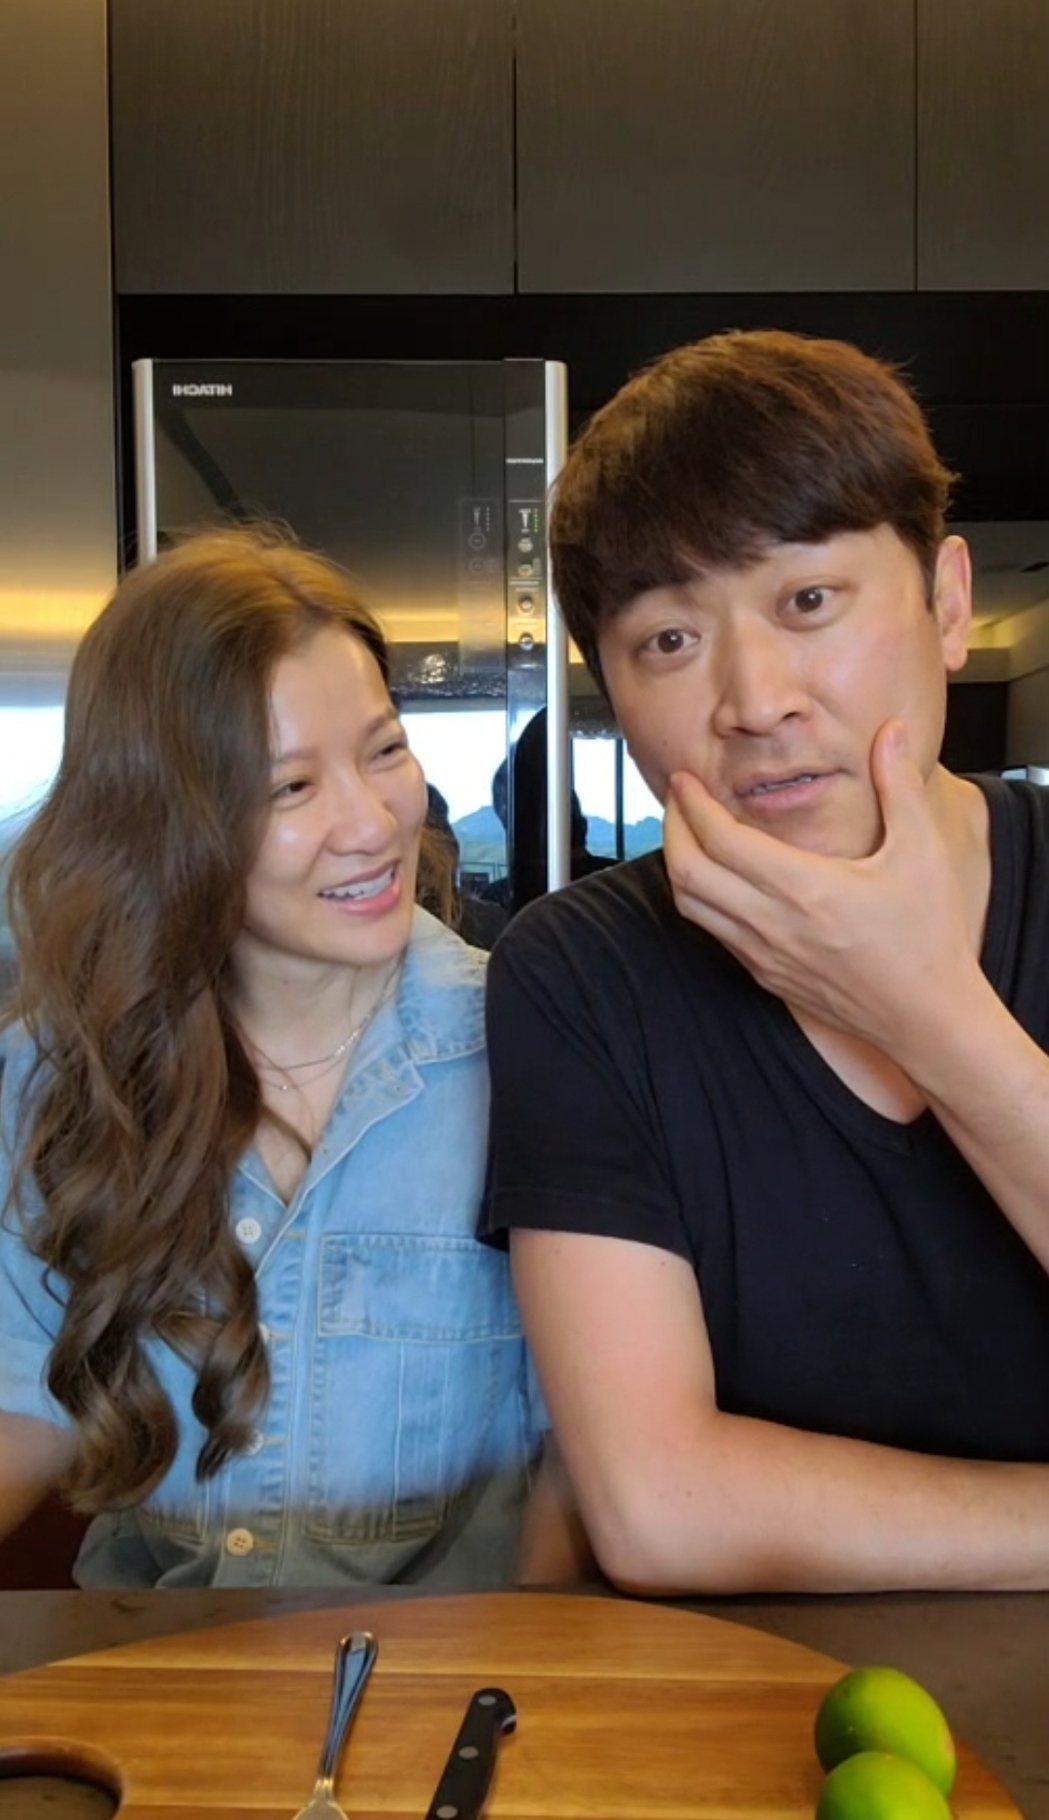 侯昌明透露先前曾雅蘭更瘦。圖/摘自臉書